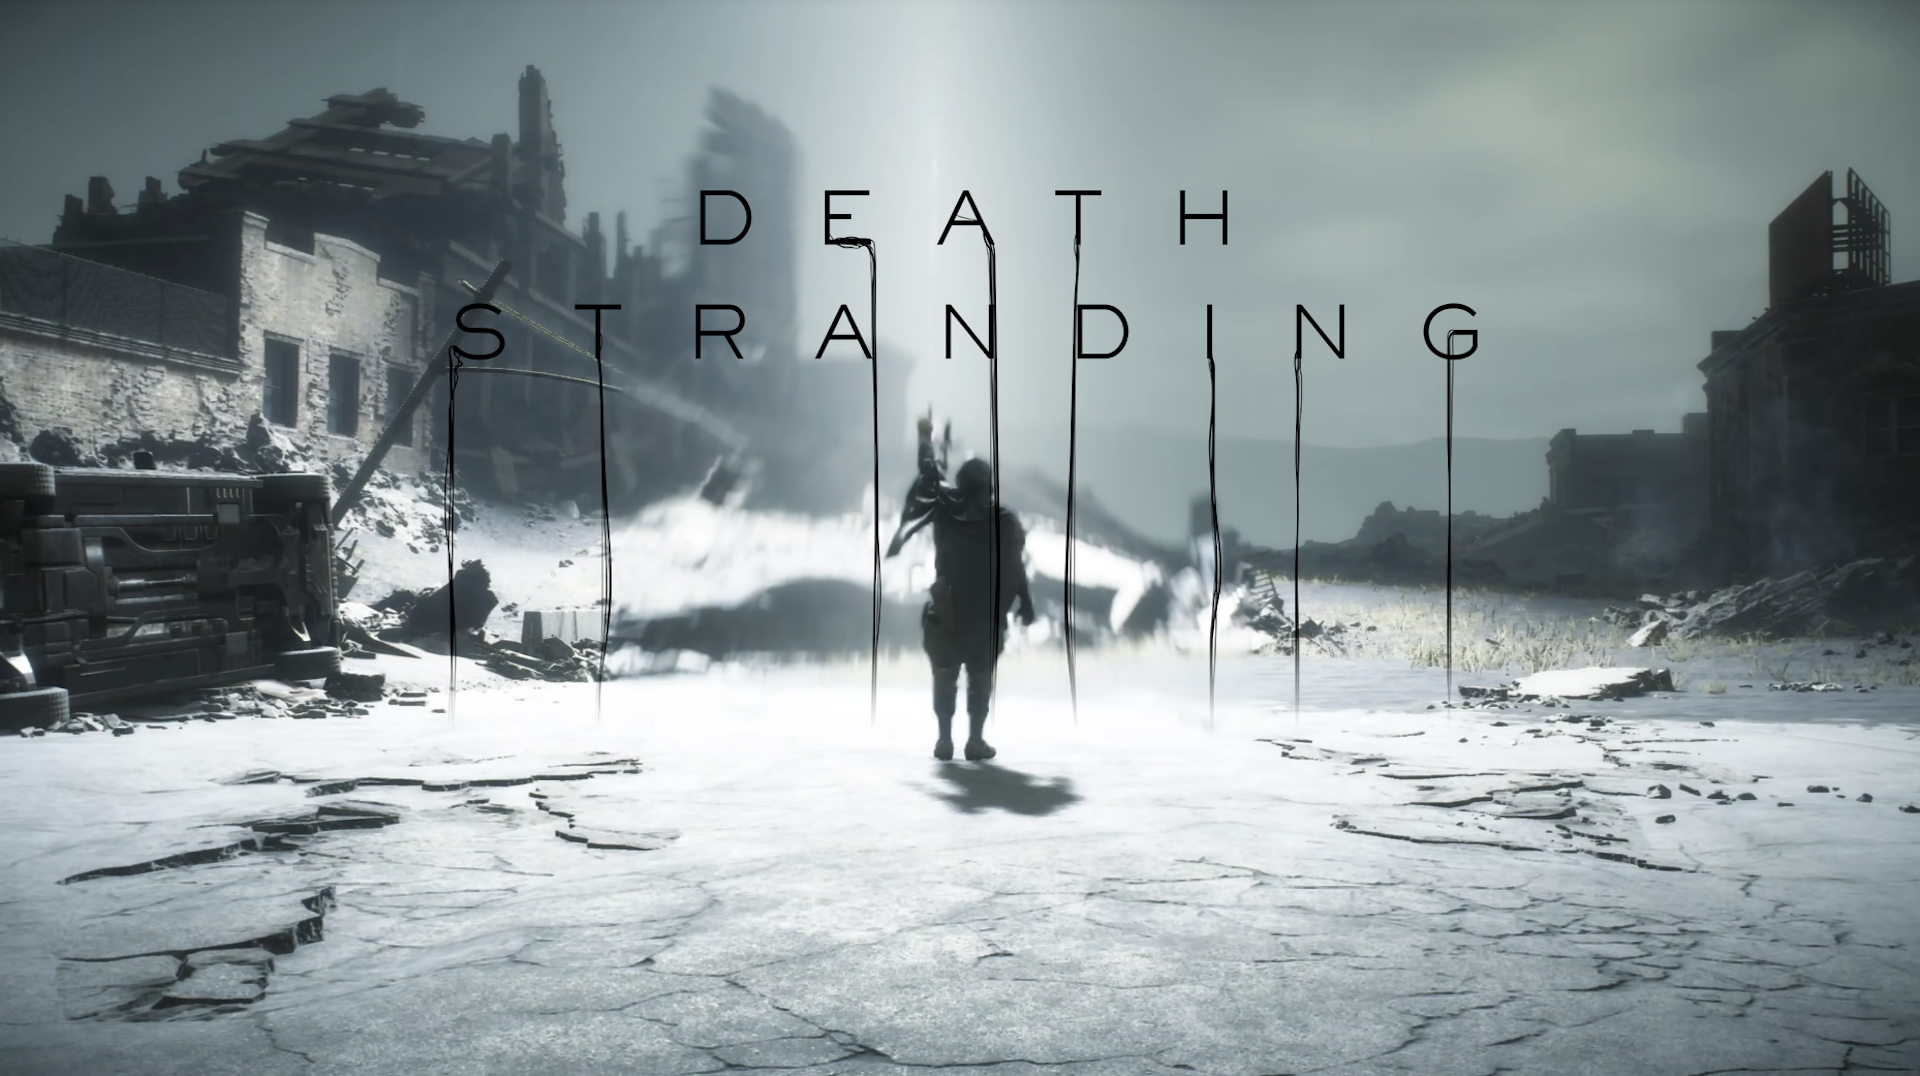 death stranding image 5 - Gerry Scotti riprende la sua carriera musicale grazie al suo ruolo in Death Stranding